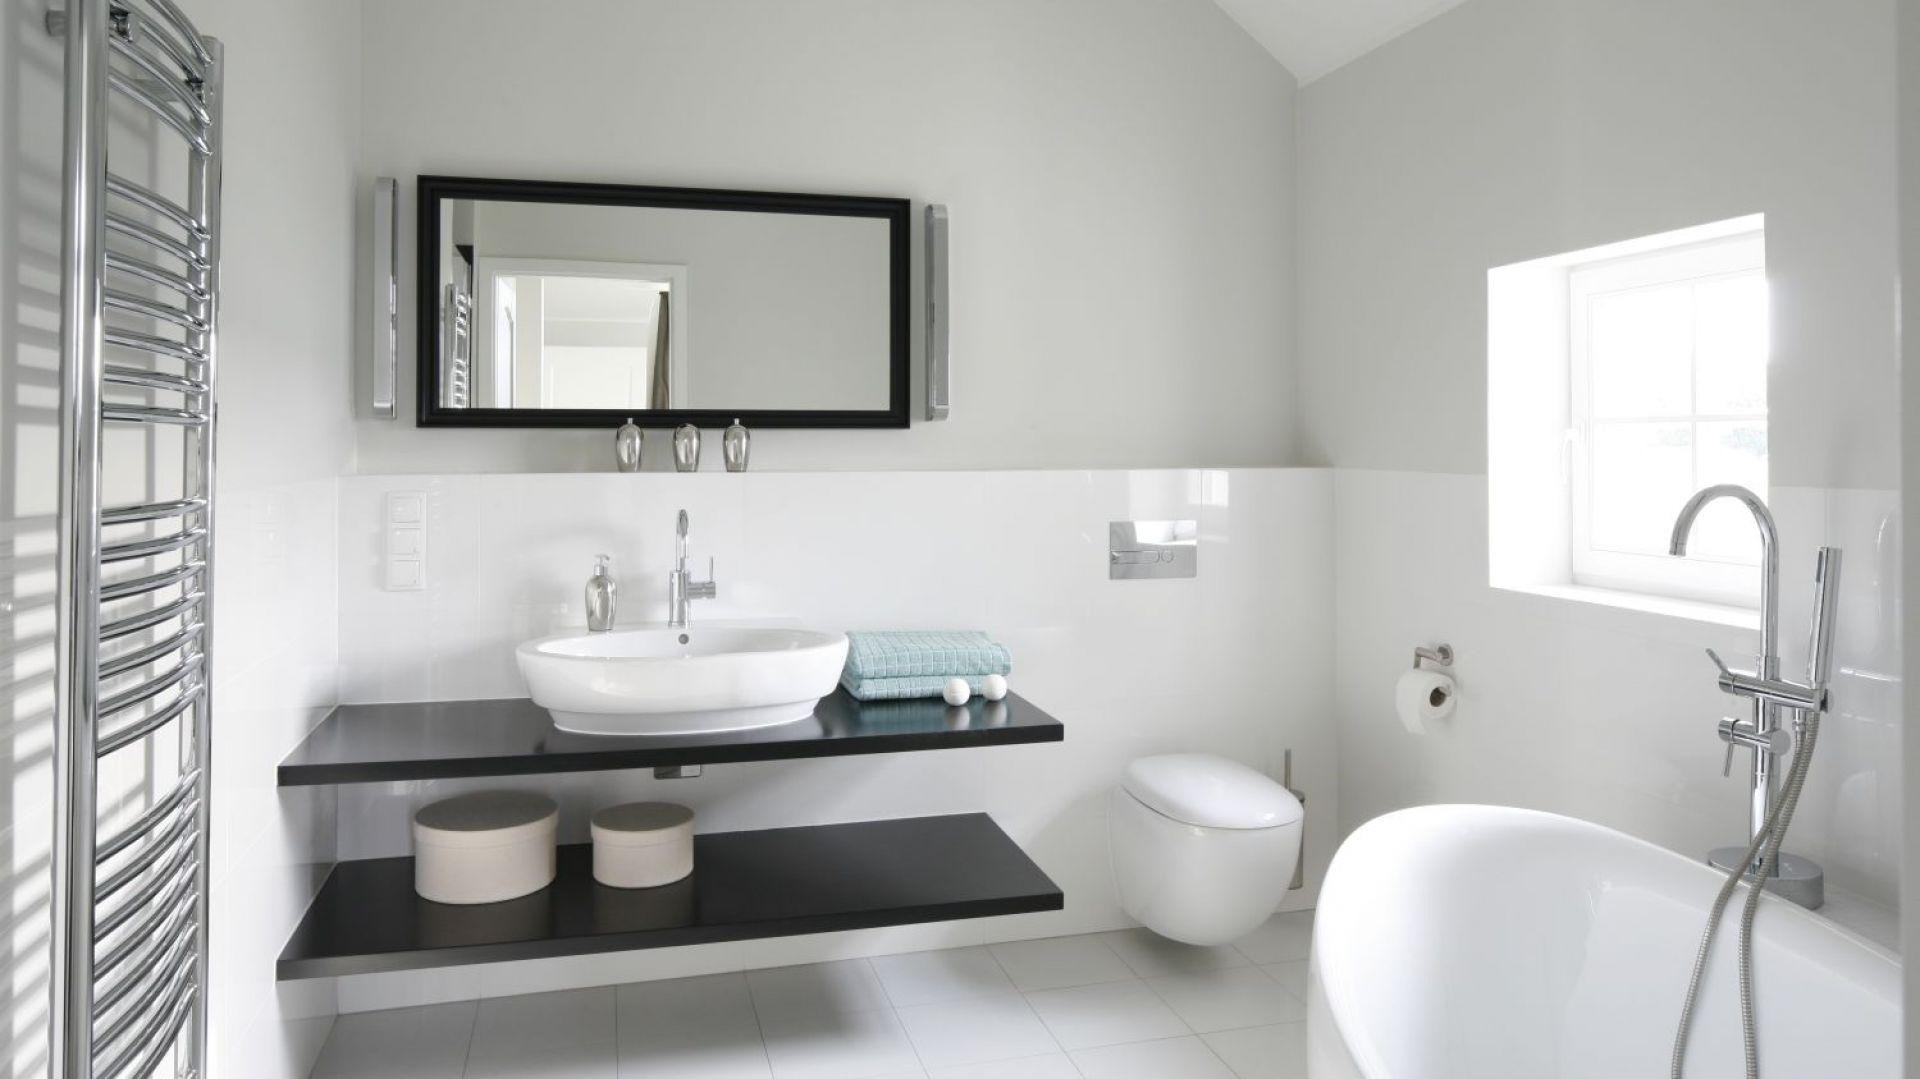 Biała łazienka. Proj. Ventana. Fot. Bartosz Jarosz